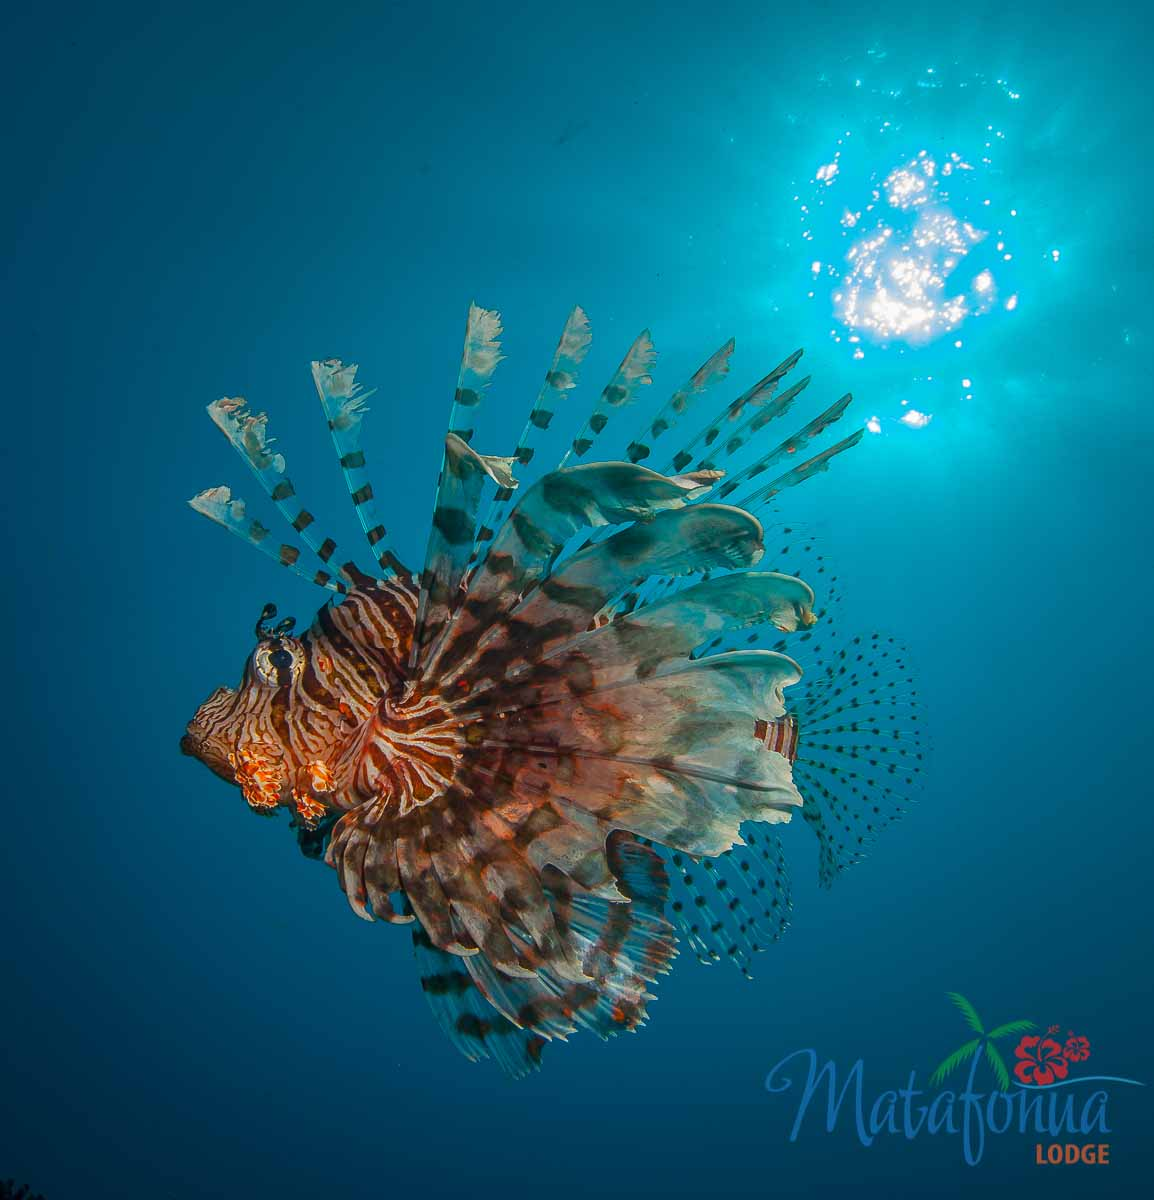 Underwater_00000174.jpg